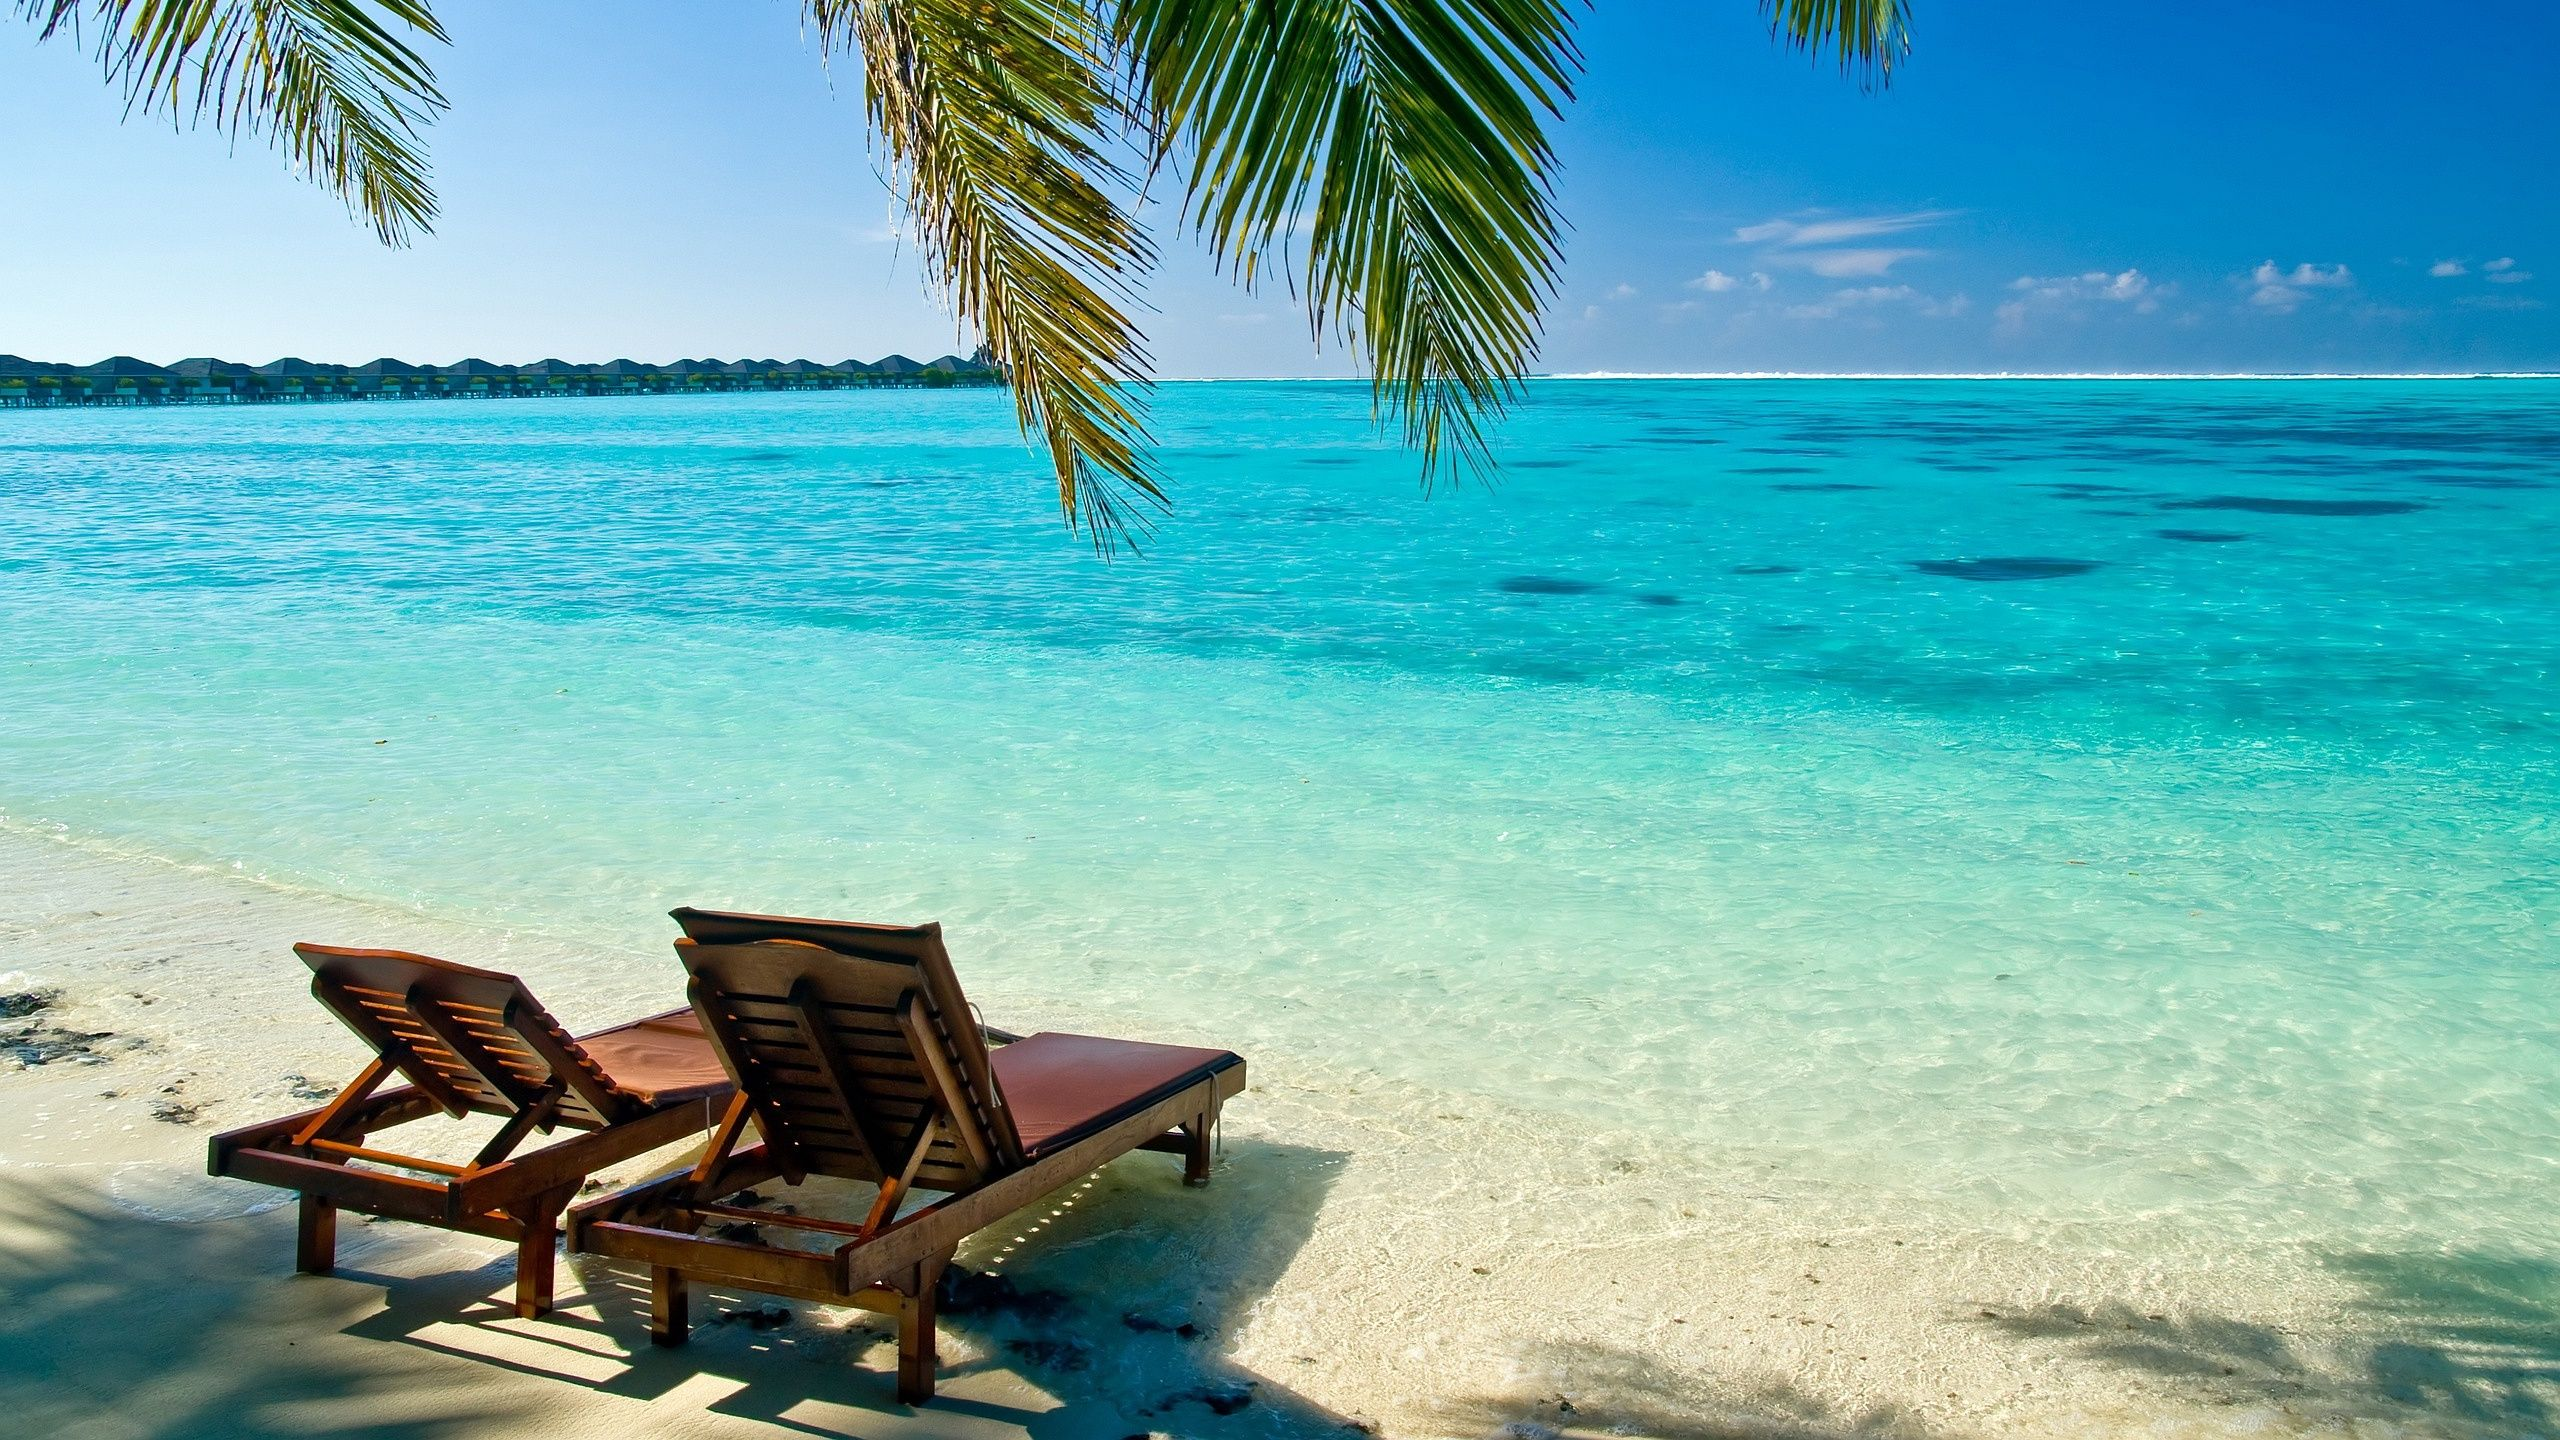 2560x1440 Maldives Tropical Beach Wallpaper Beach